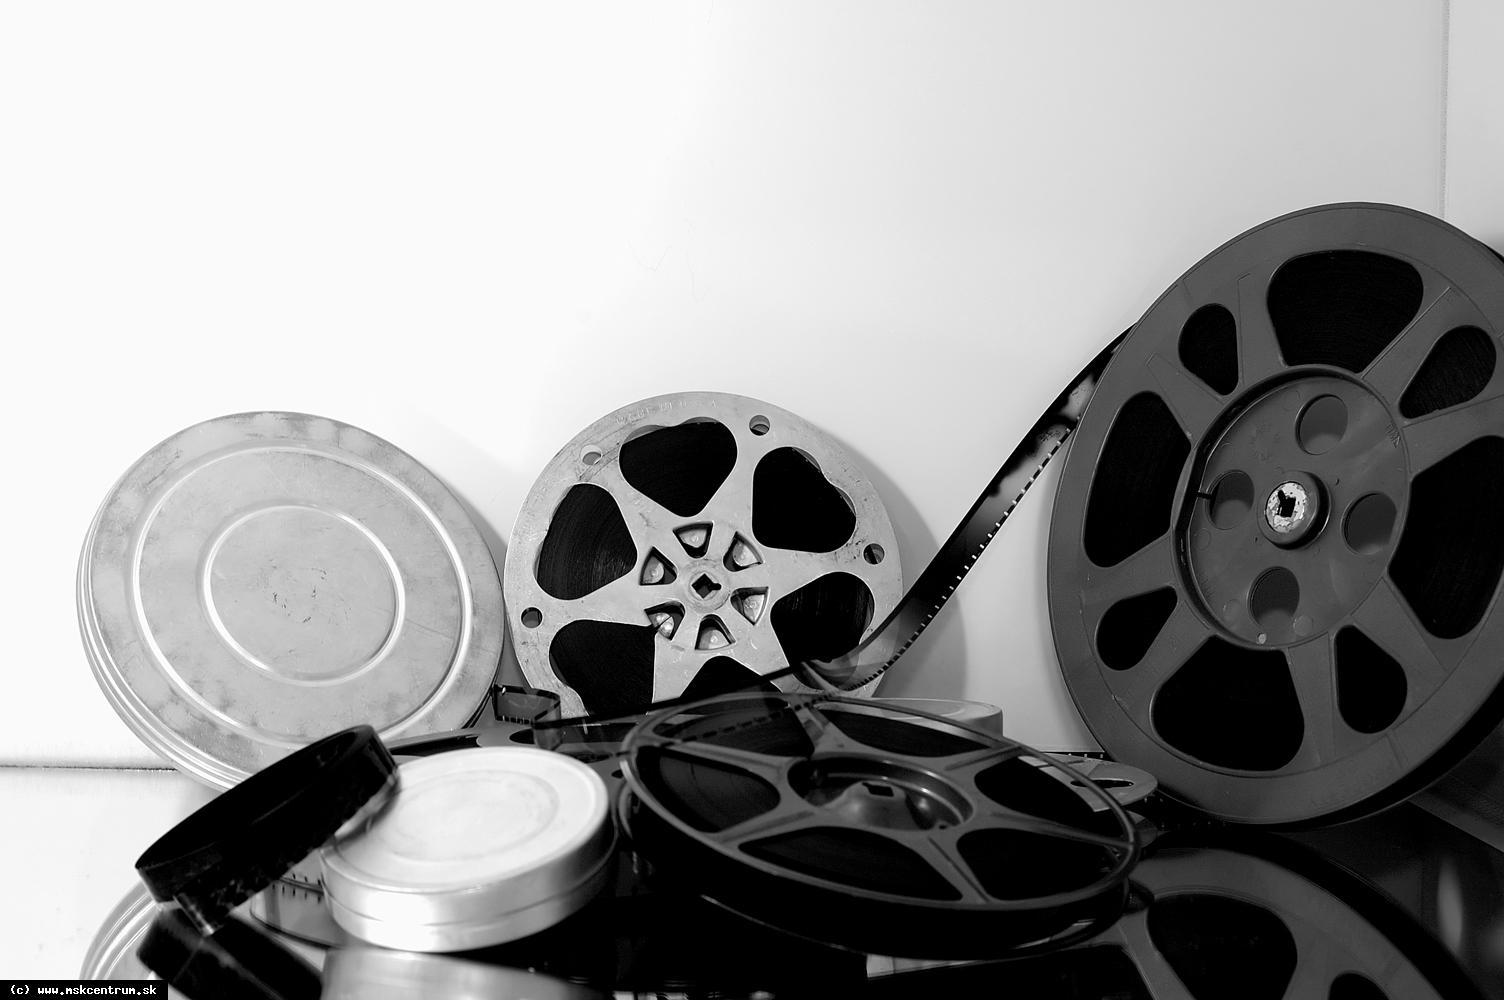 ŽIAR24: Digitálne kino v Žiari: Pozrite, kedy sa začne premietať po novom!